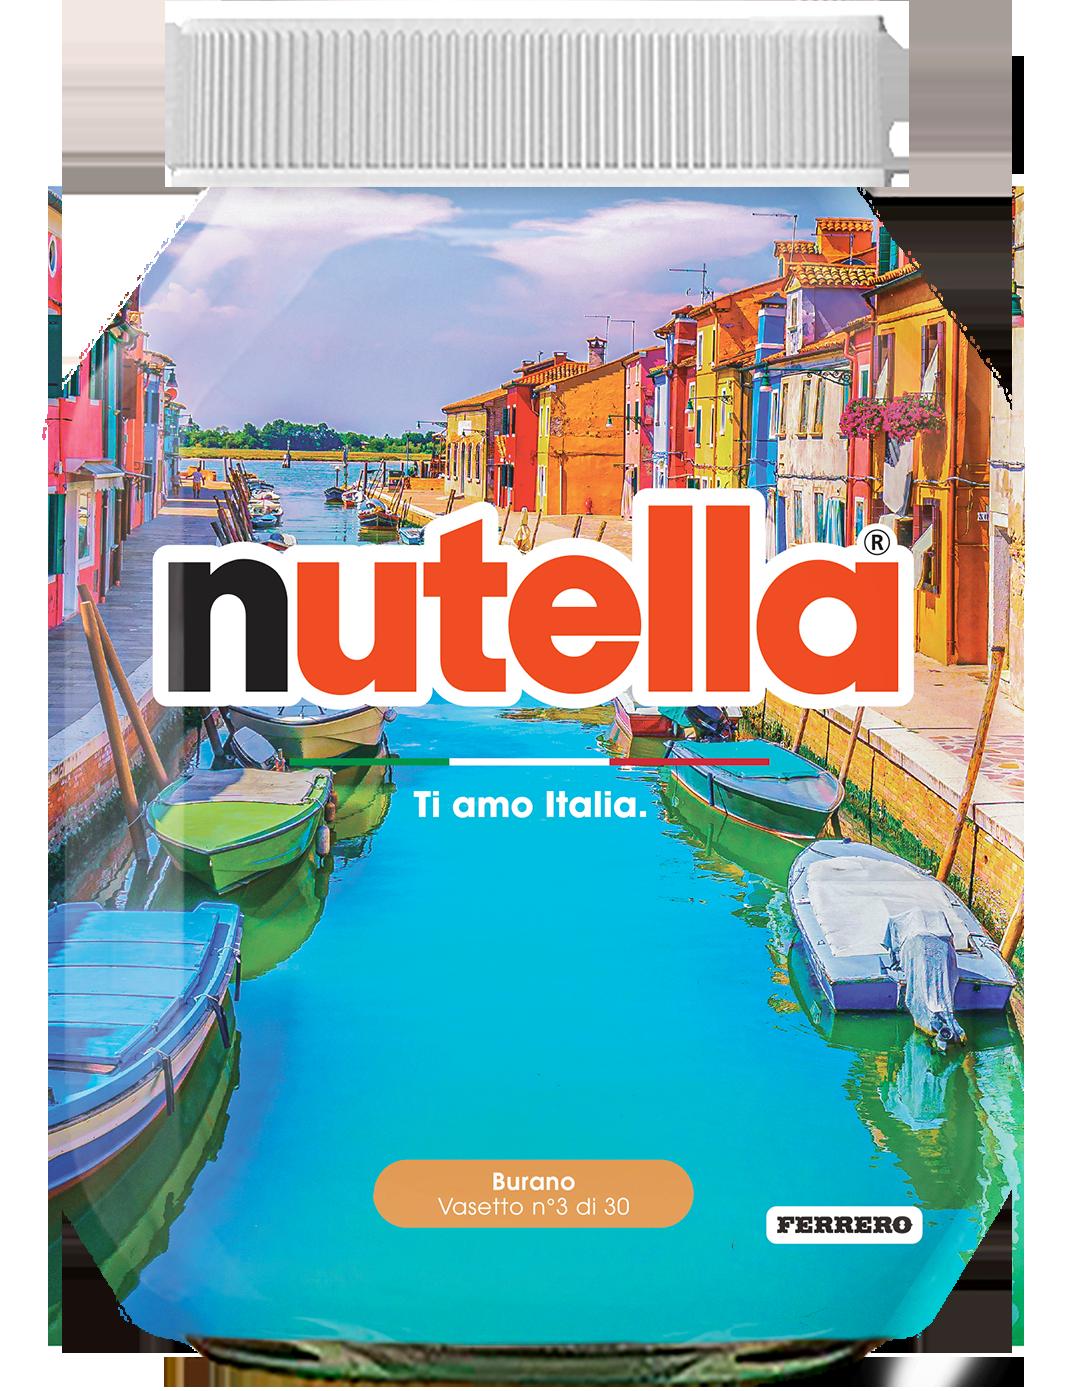 Veneto - Burano - i vasetti di nutella dedicati all'italia